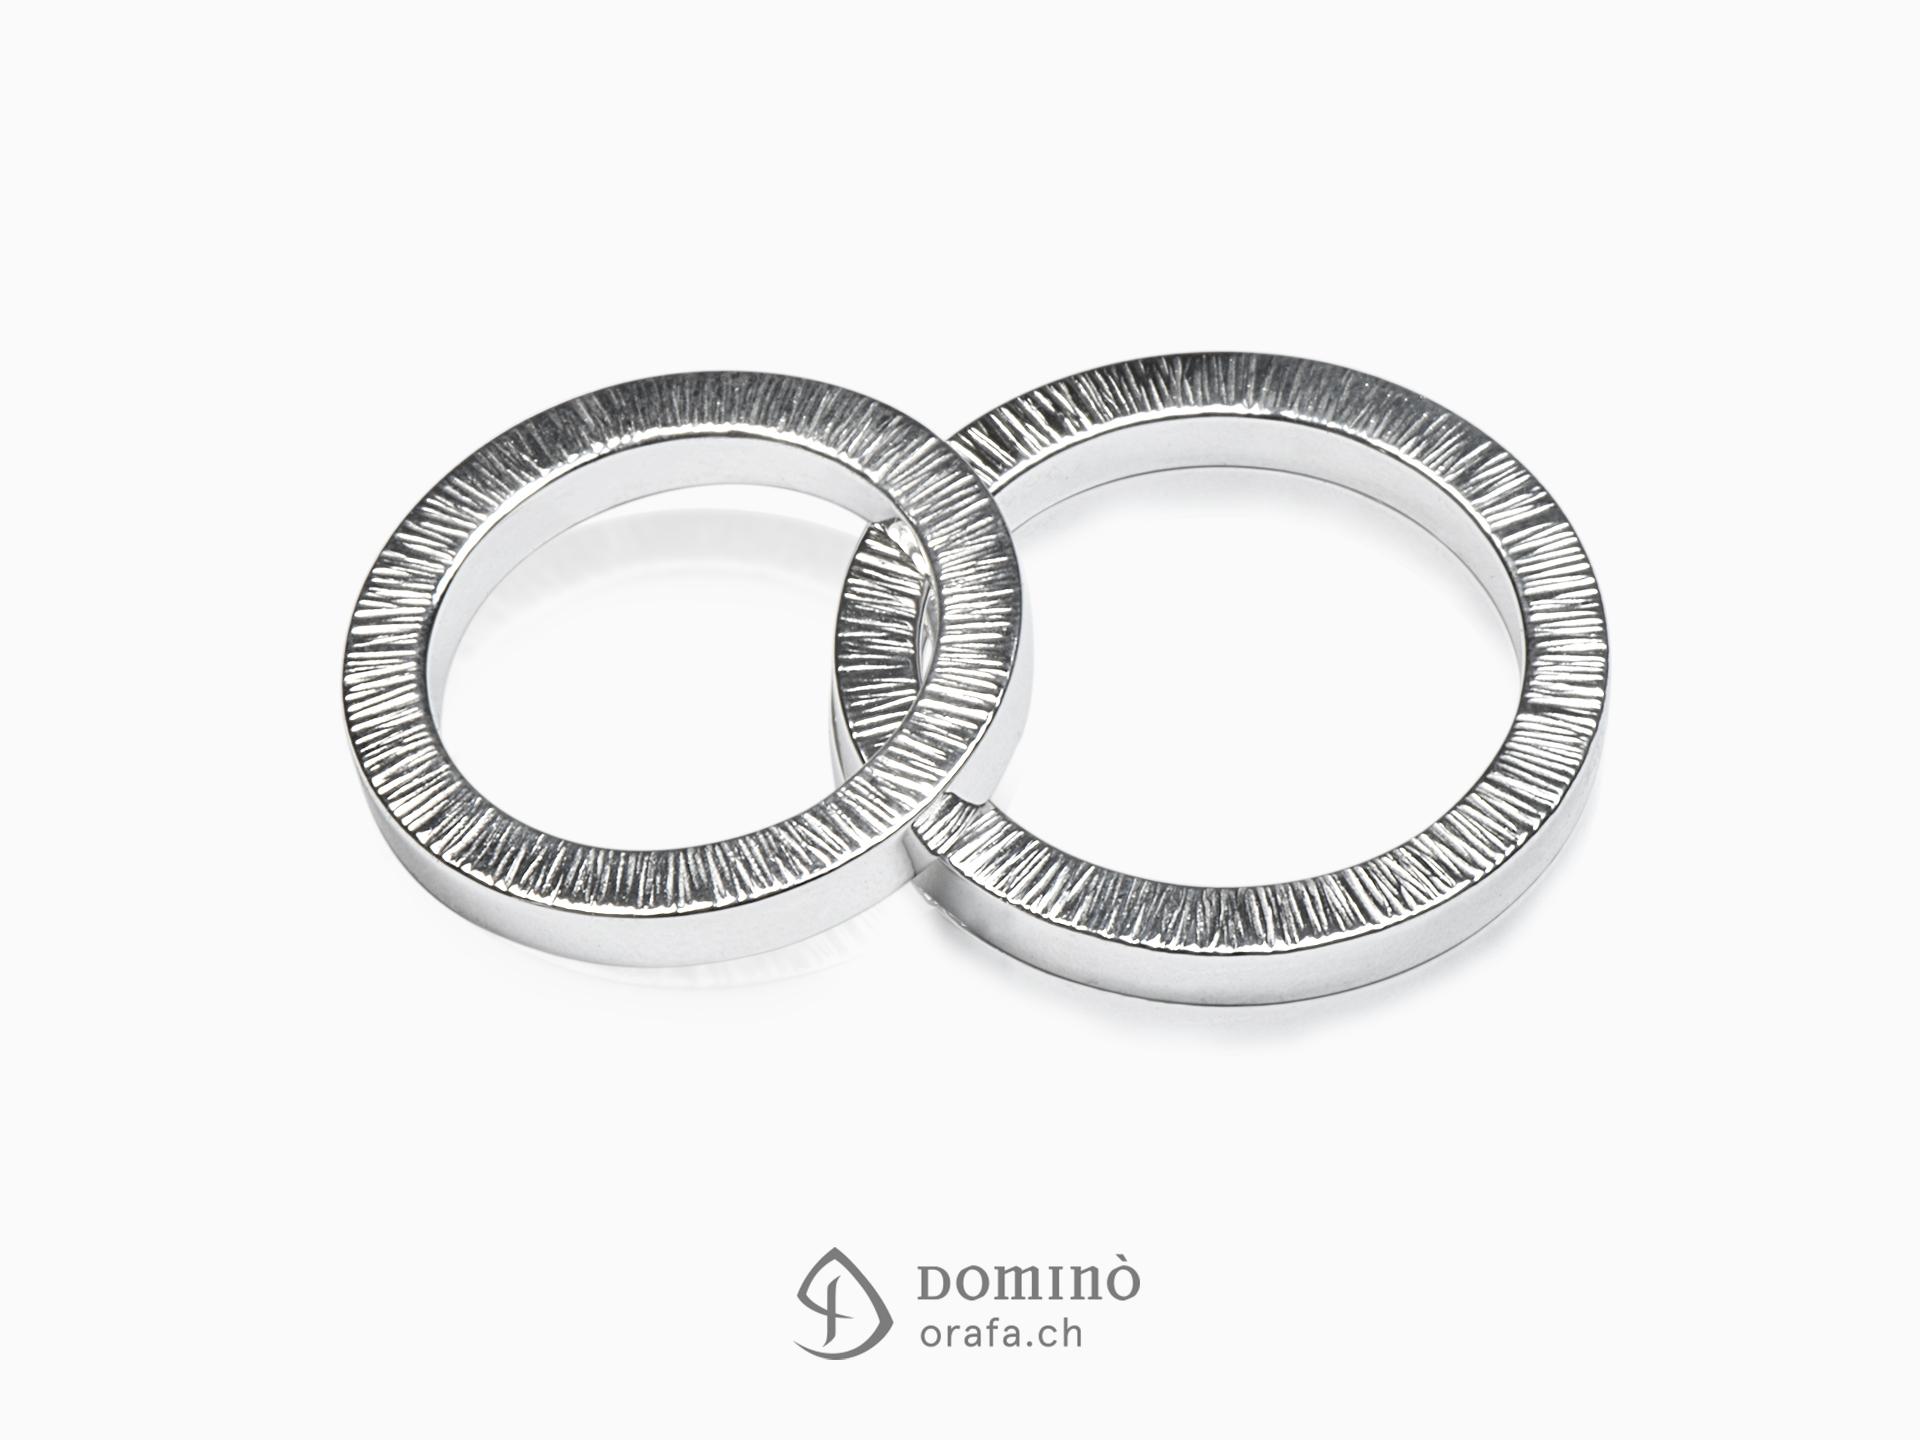 anelli-quadrati-bordo-linee-1